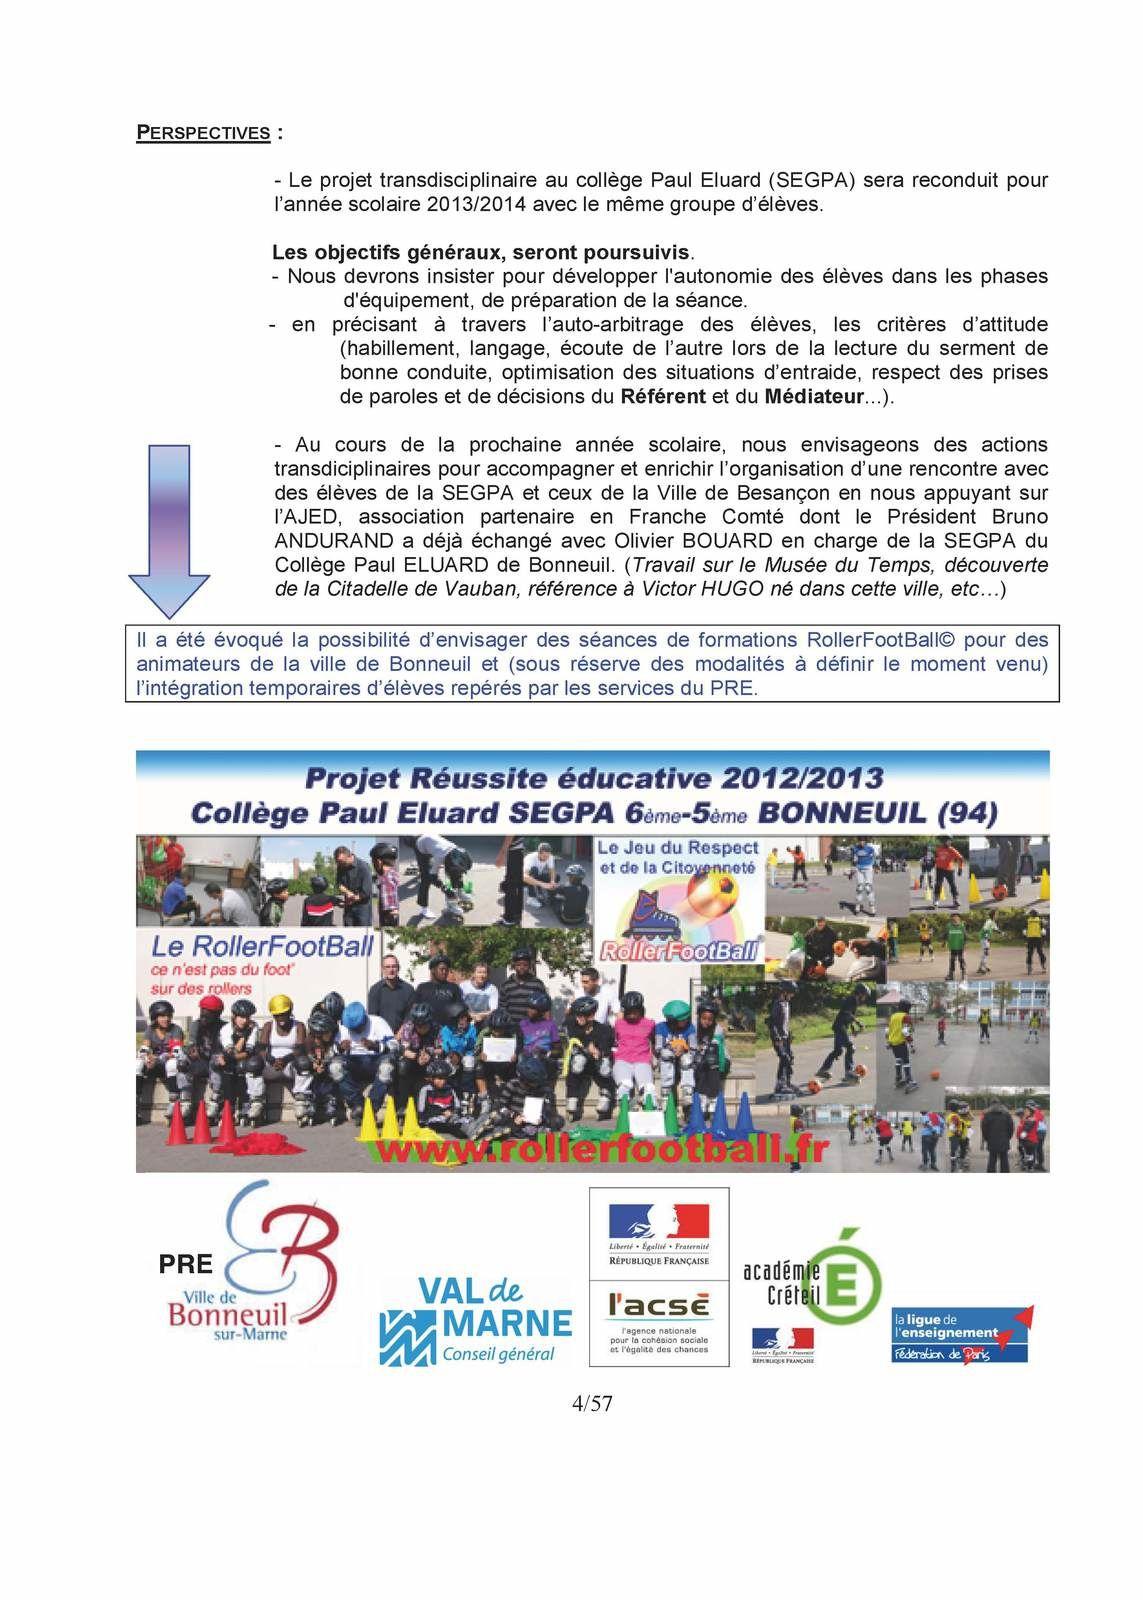 Eléments constitutifs du dossier Projet RollerFootBall©  Prix prévention délinquance 2015 EUROPEAN FORUM FOR URBAN SECURITY (EFUS) PART.2